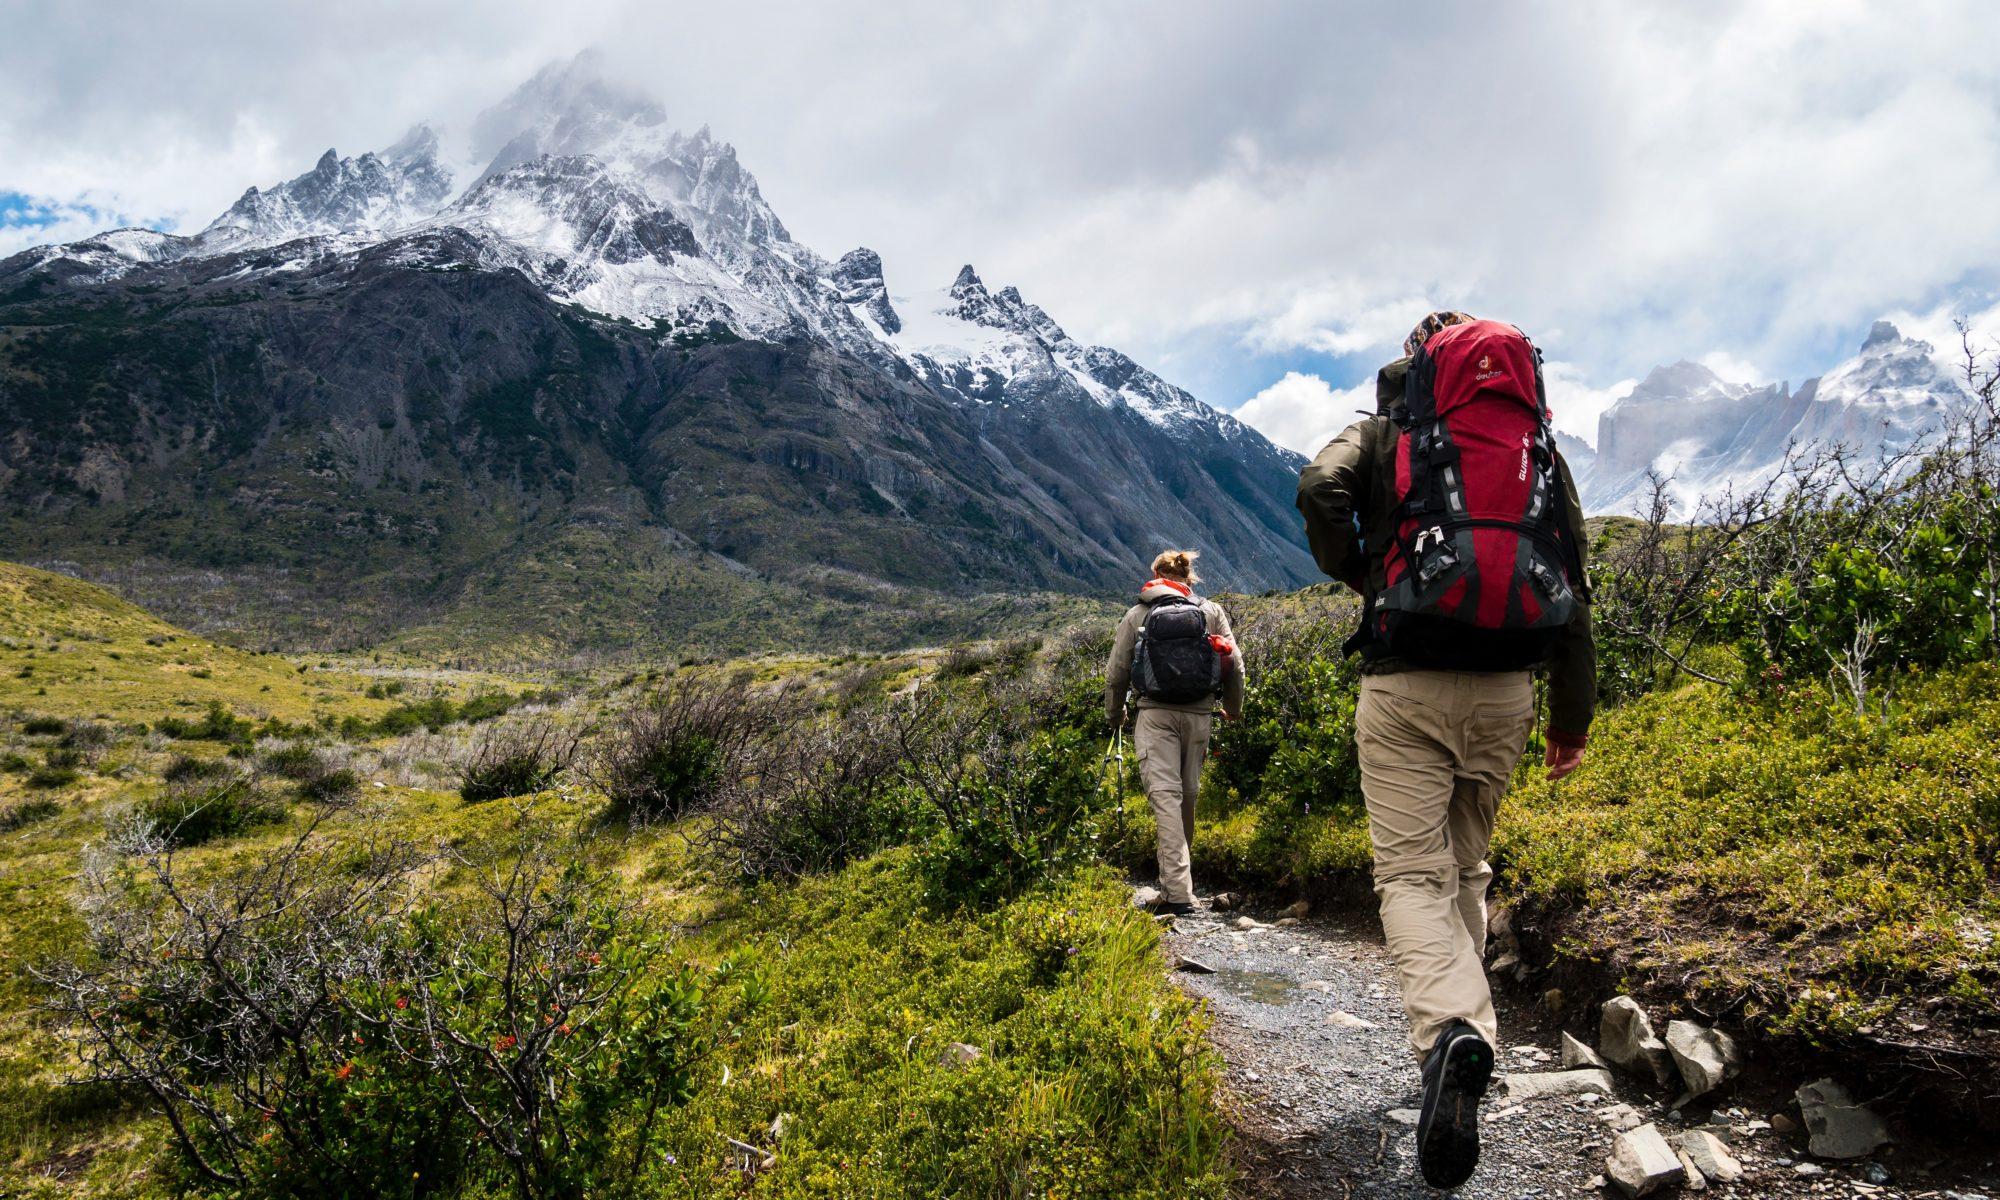 Viajar tiene muchos beneficios para la salud